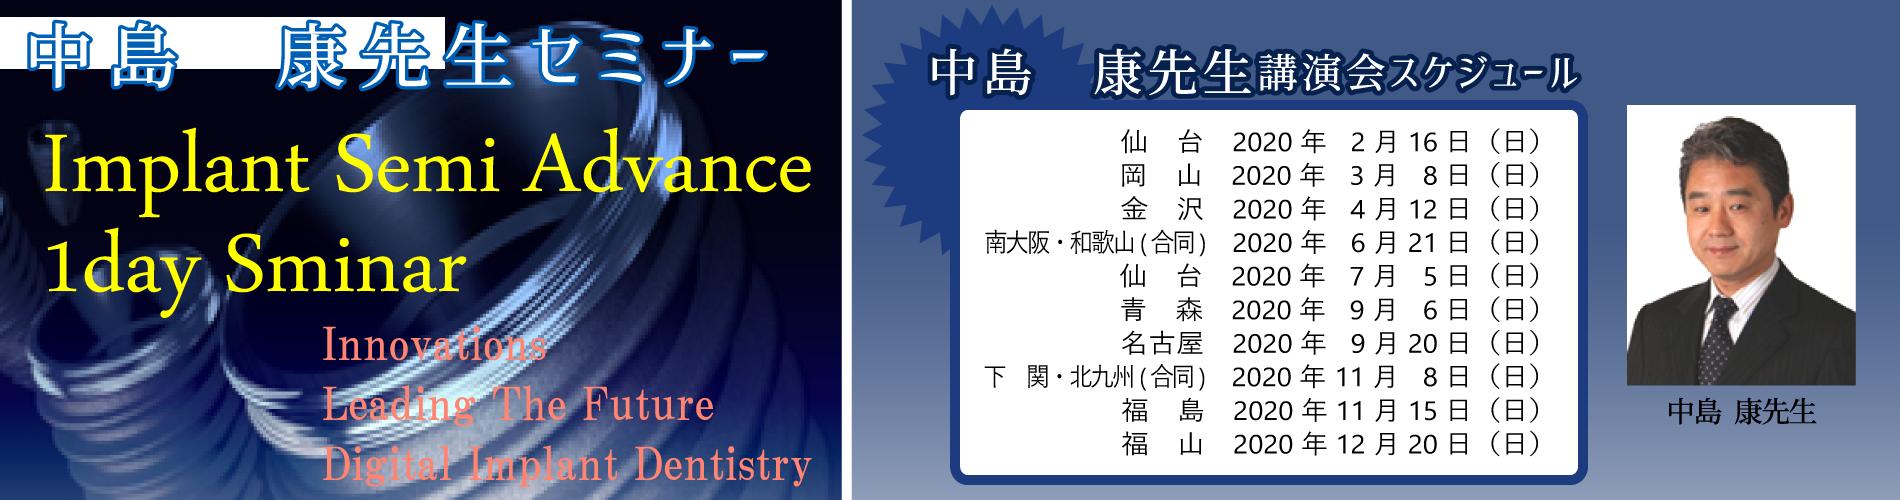 松本勝利先生 講演会 2019年 開催日程